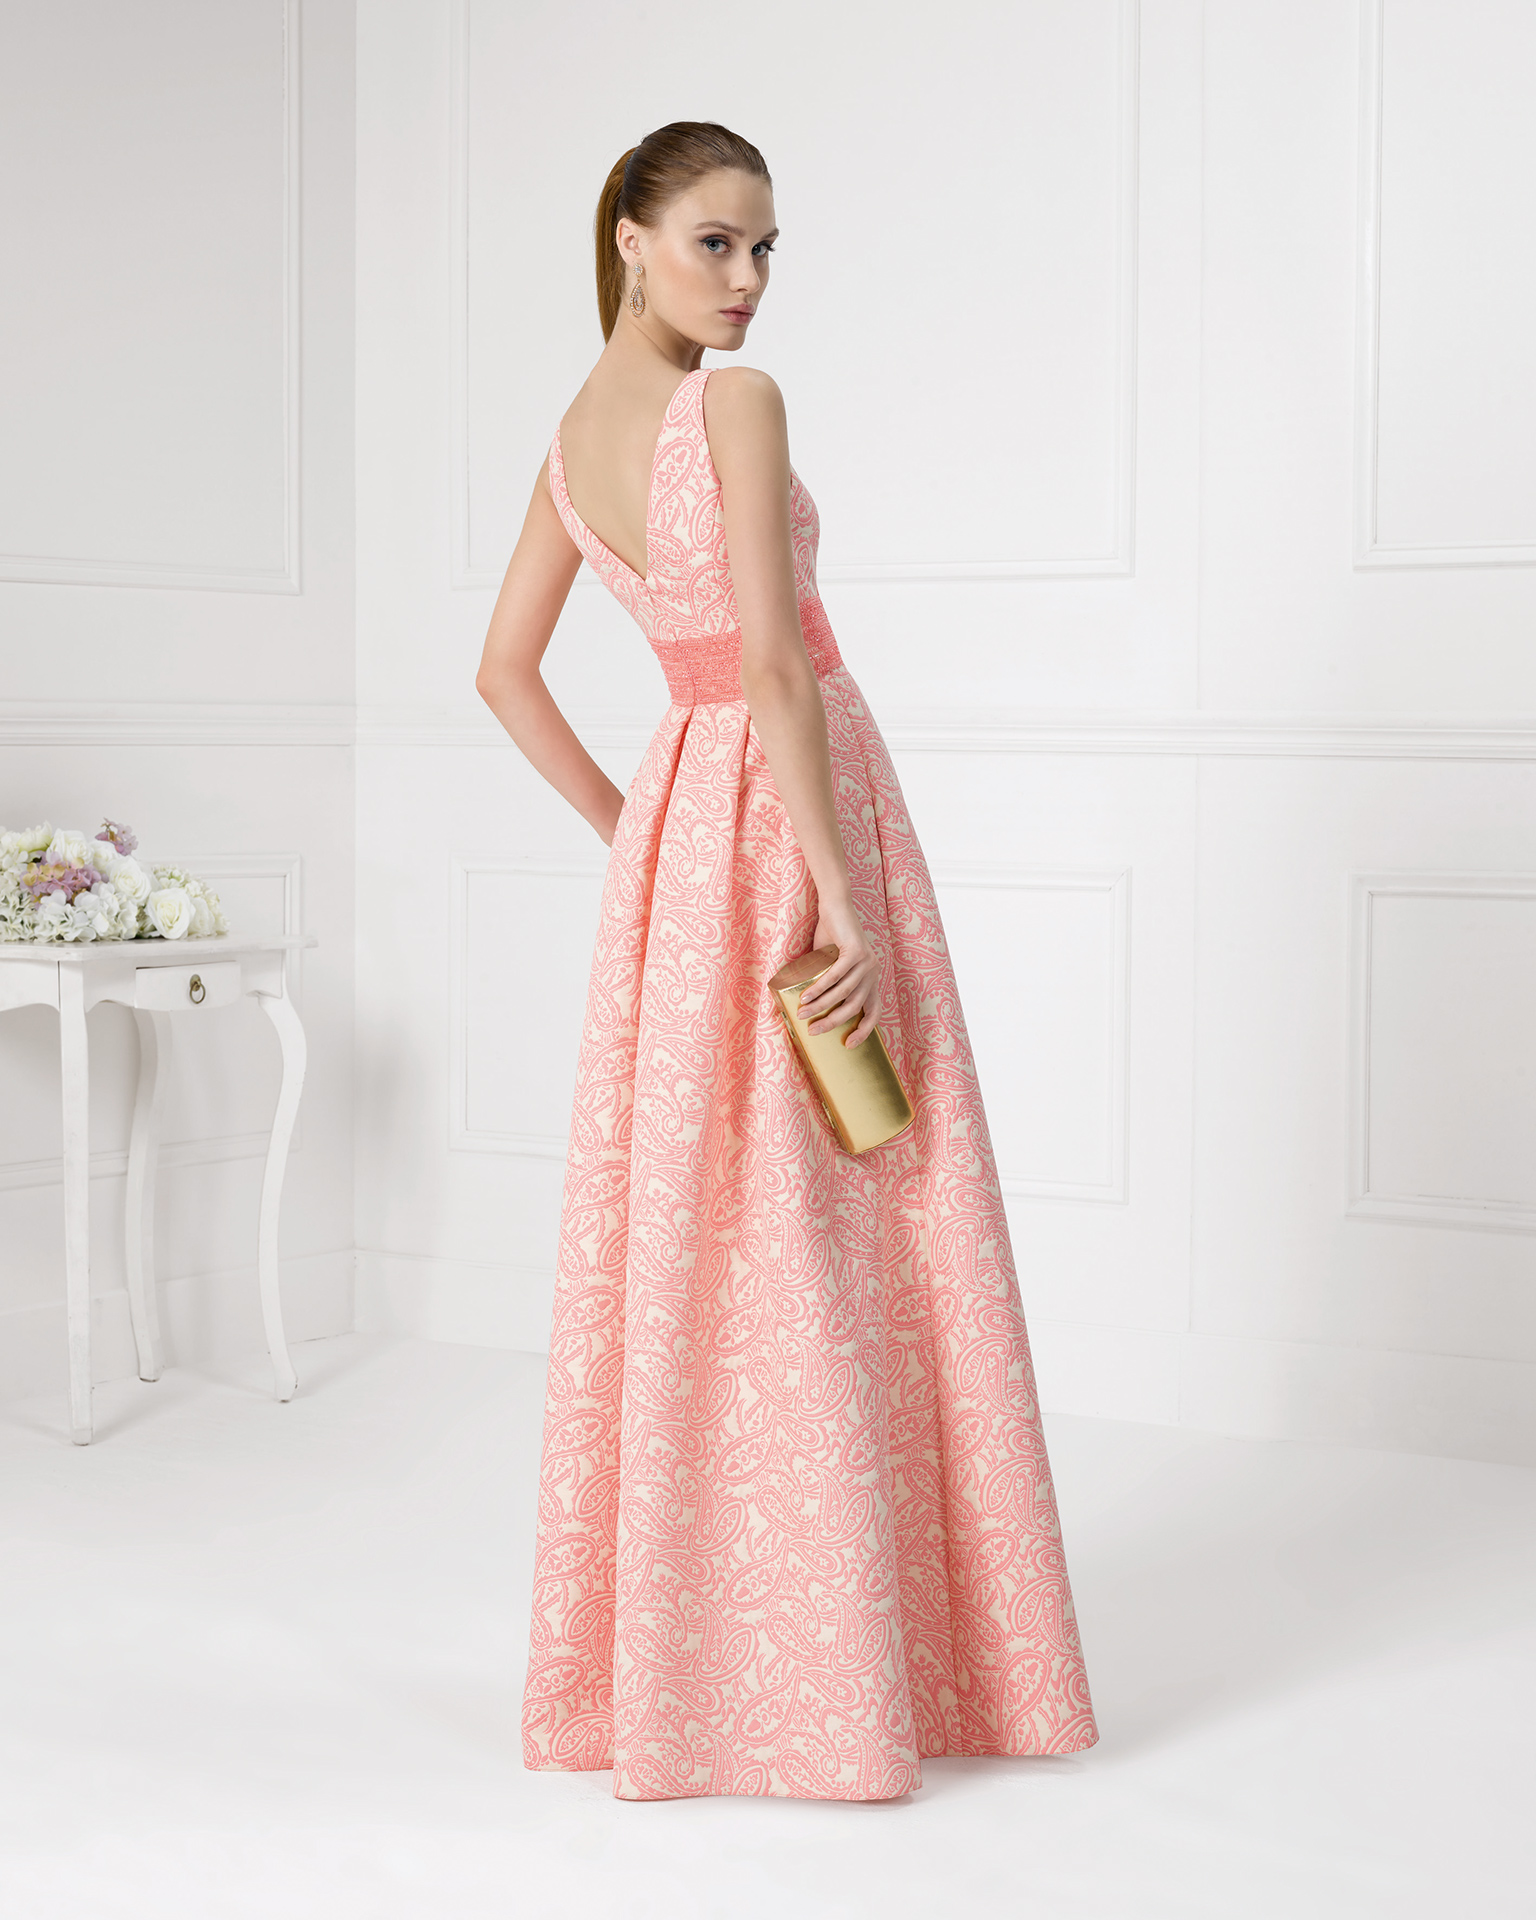 9U152 - 珠饰锦缎鸡尾酒会礼服。